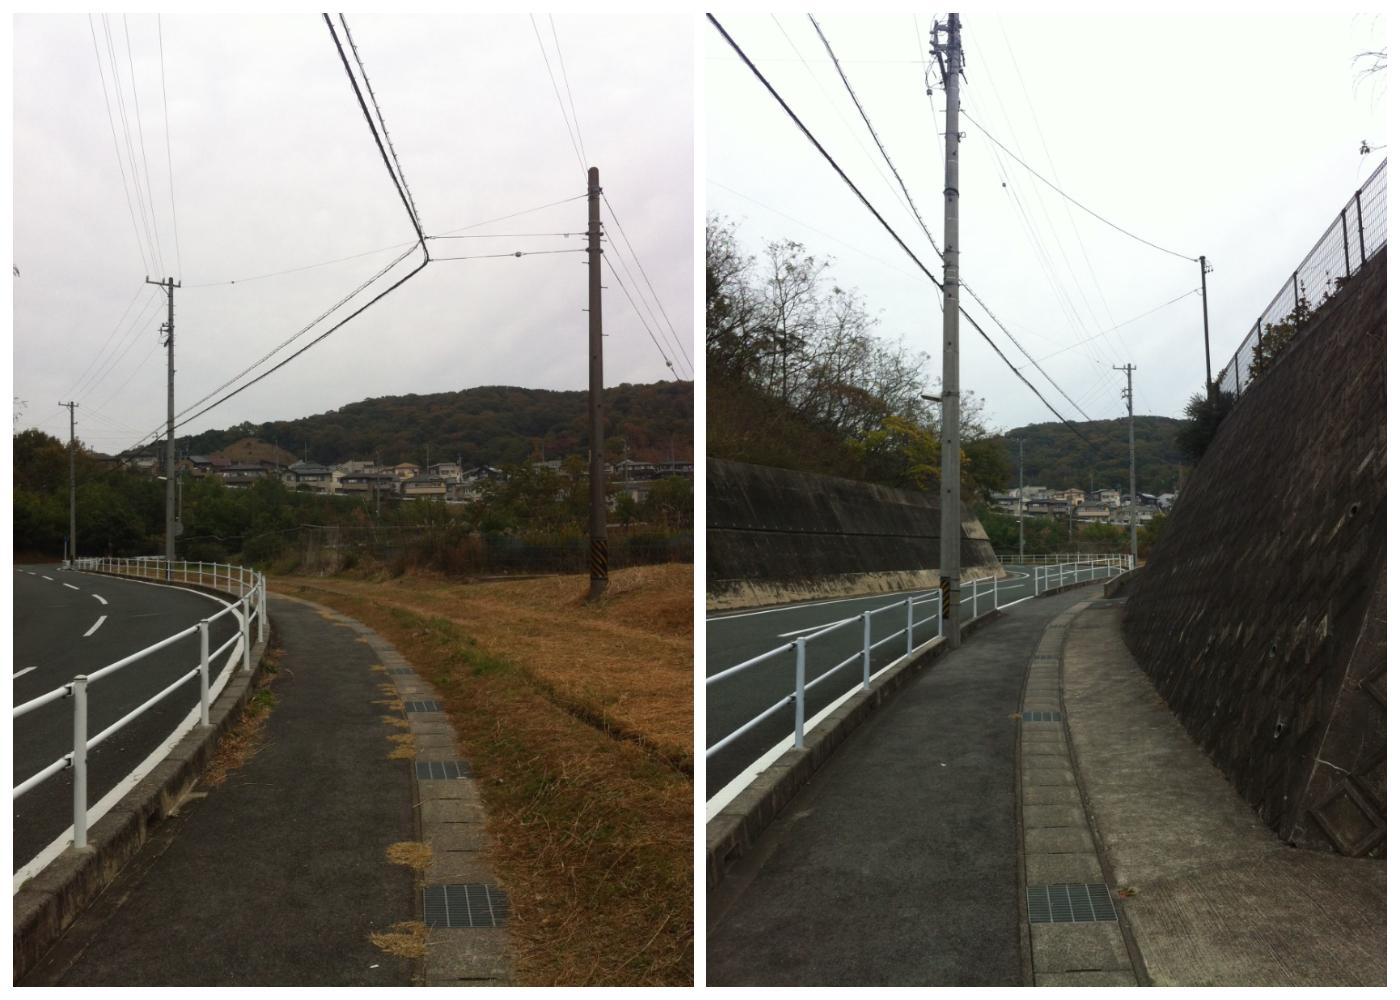 小学校から家までの道の実際の写真、かなり傾斜のきつい山道が続く